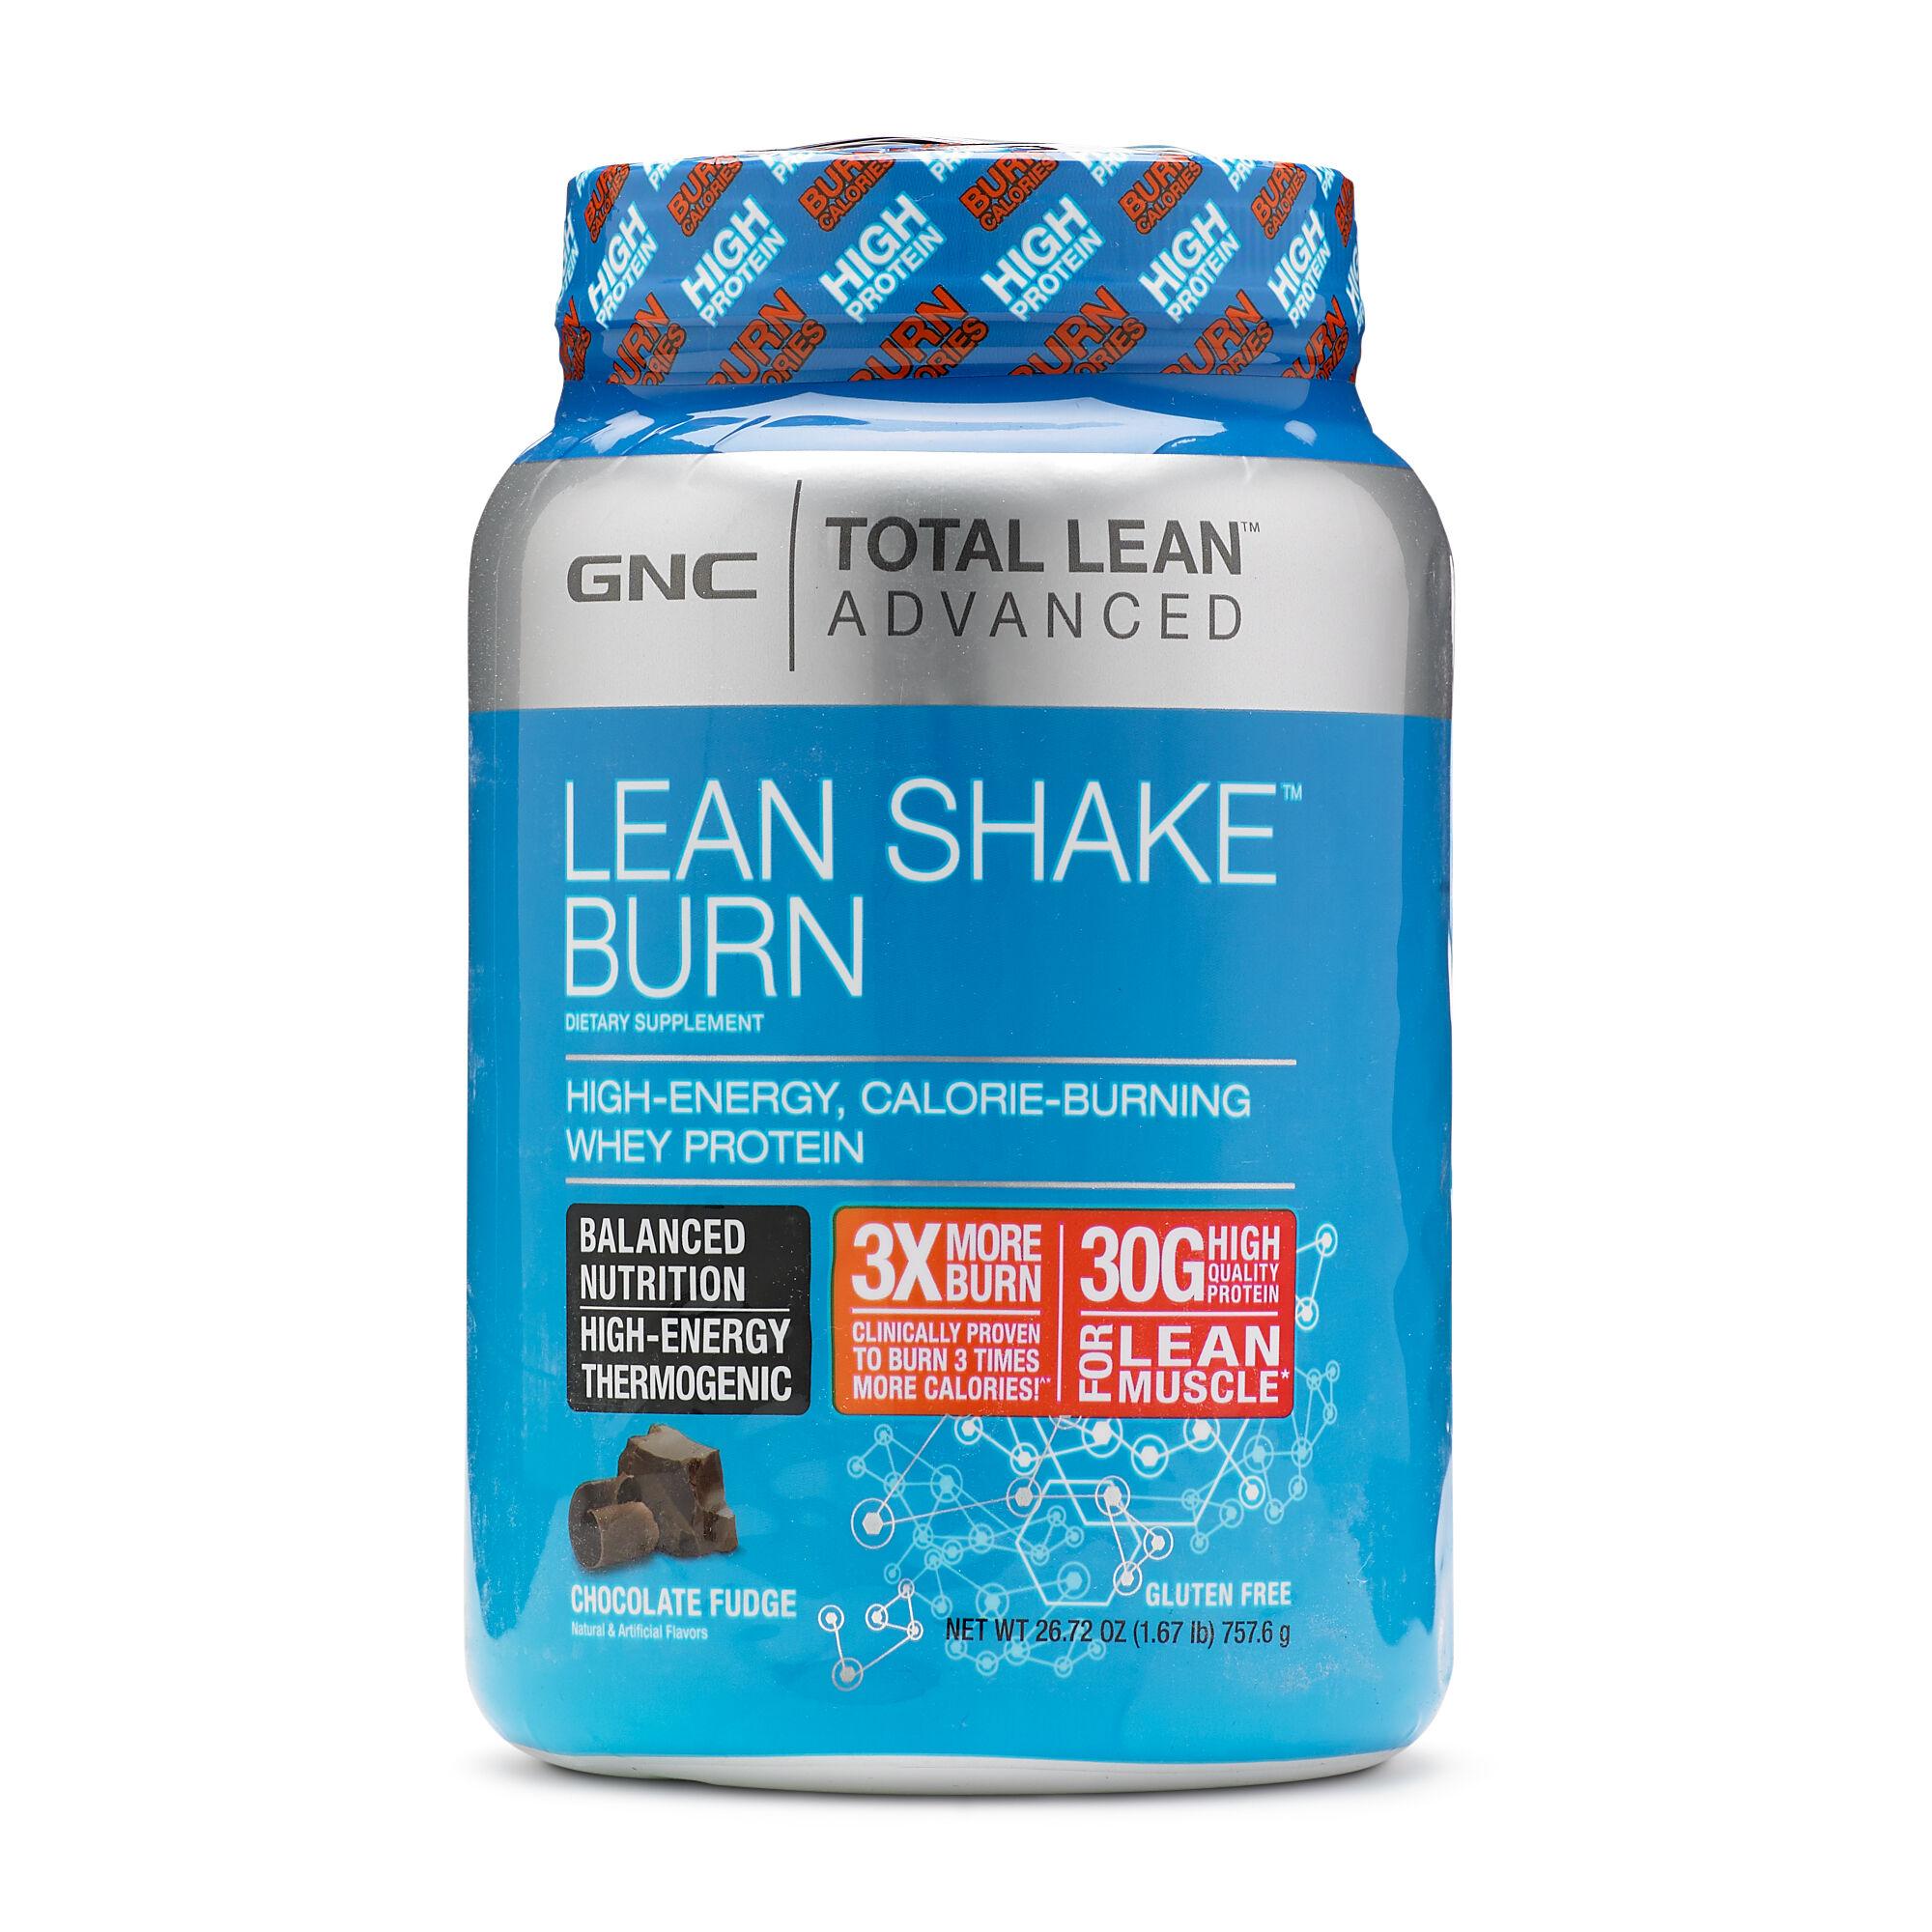 Gnc Total Lean Advanced Lean Shake Burn Whey Protein Chocolate Fudge Gnc